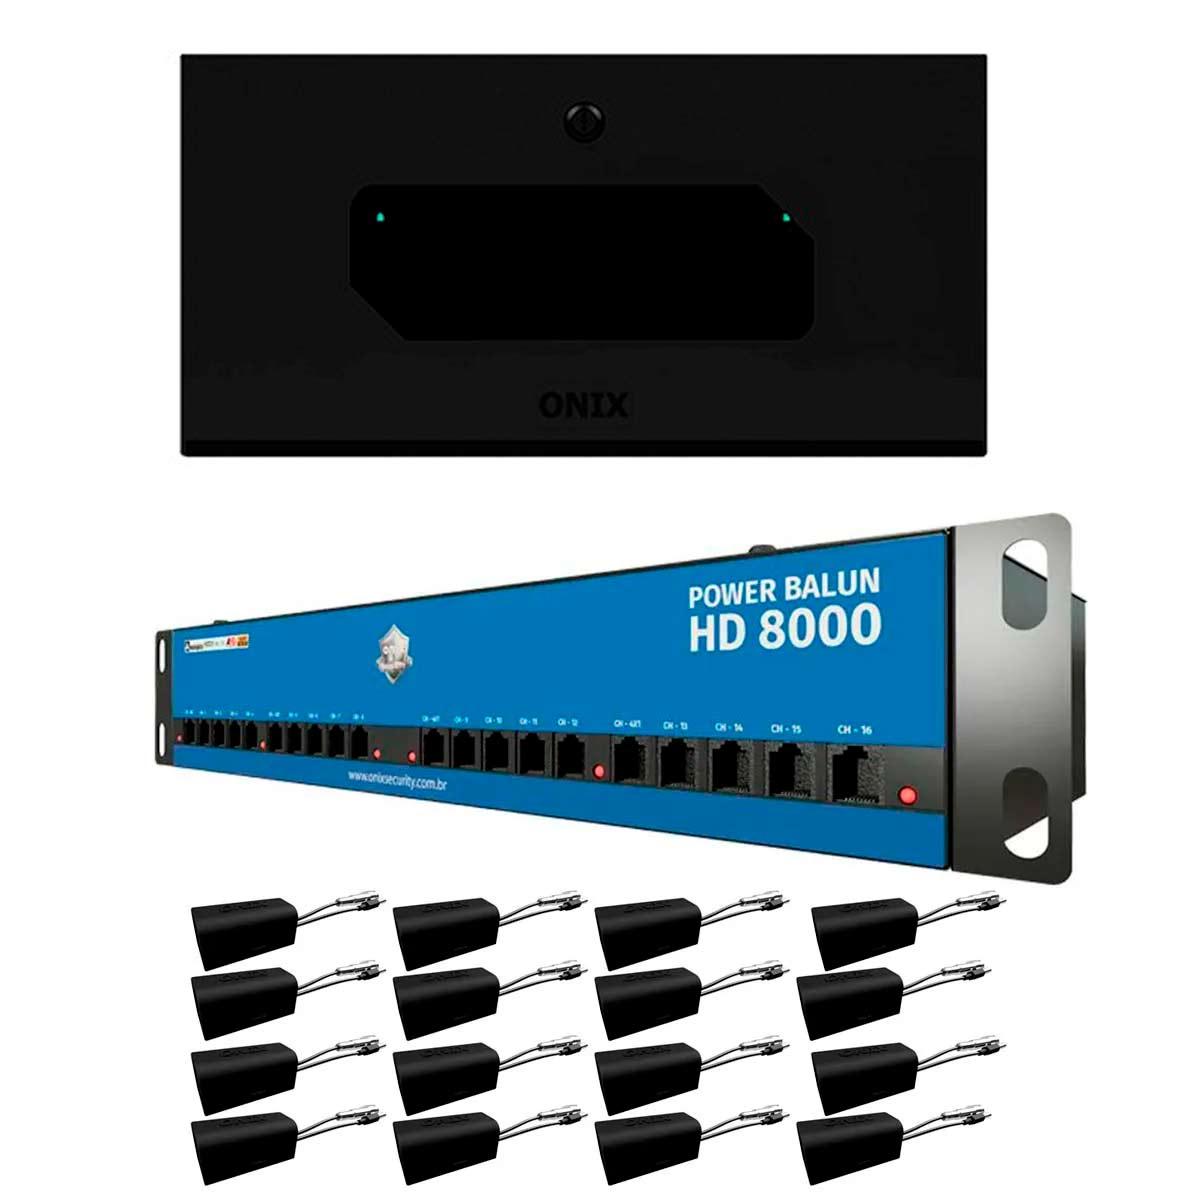 com16un-Kit-Rack-5U-Power-Balun-16Ch